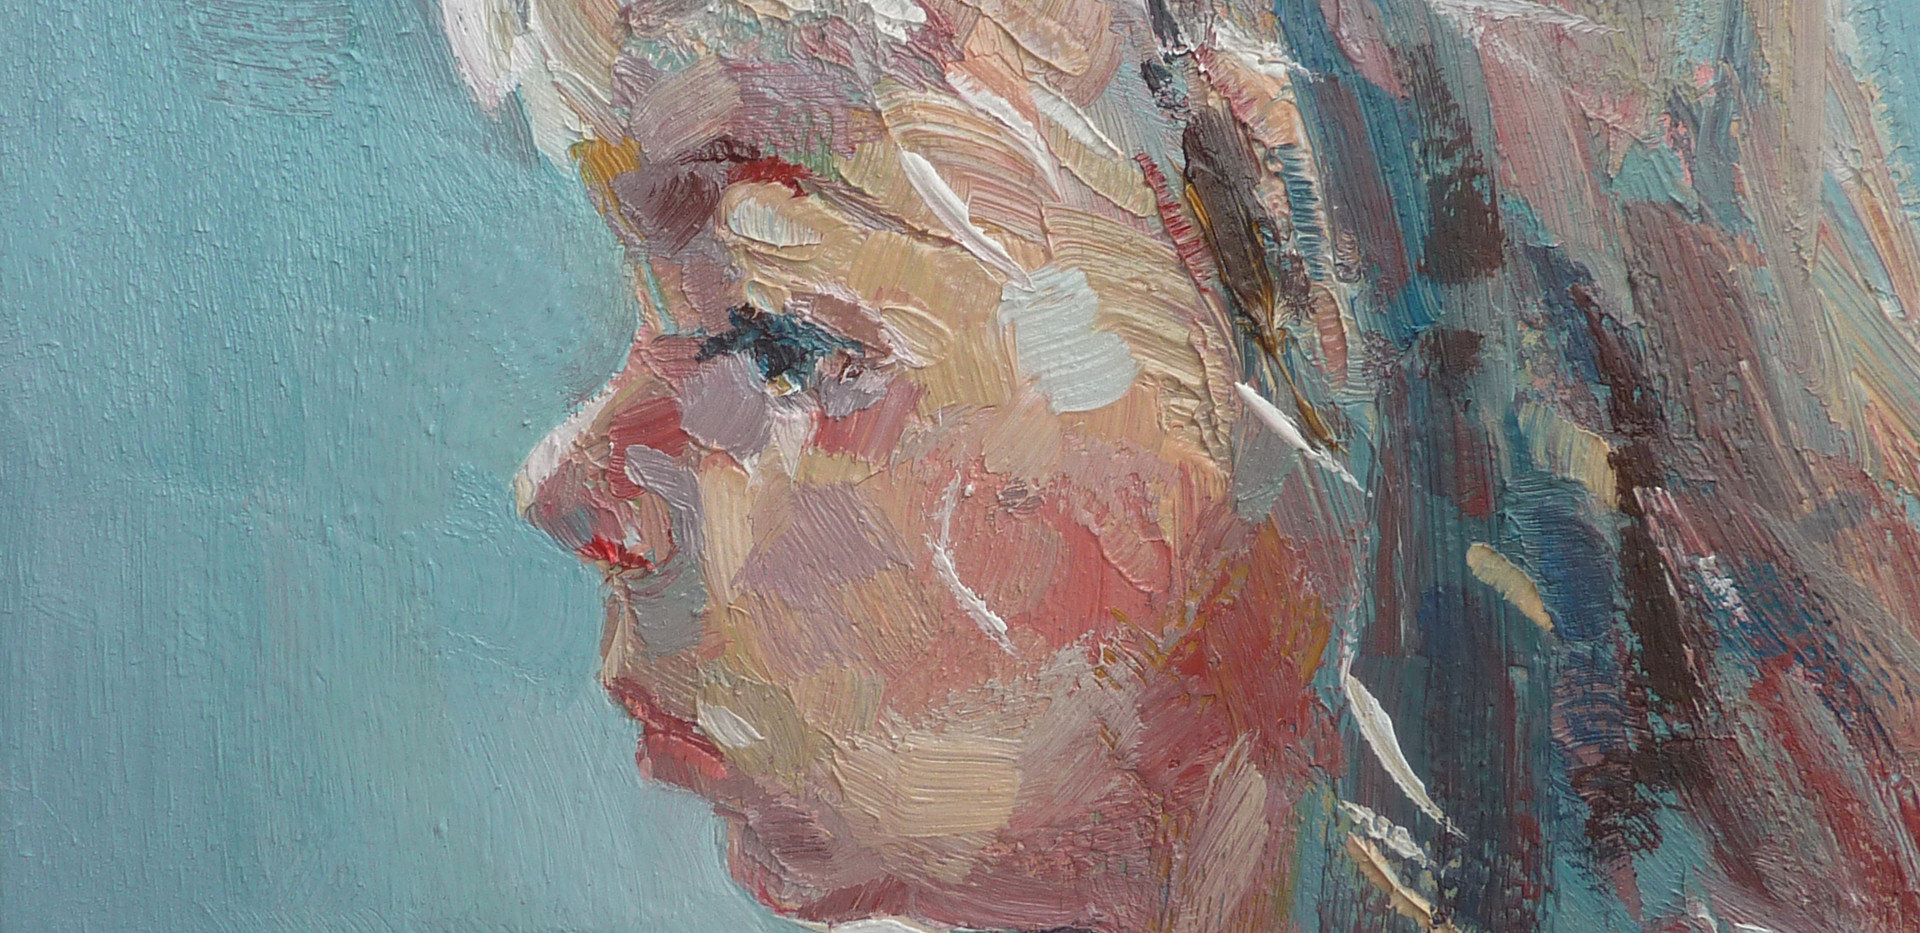 Fille de Juliette, huile sur toile, 2013